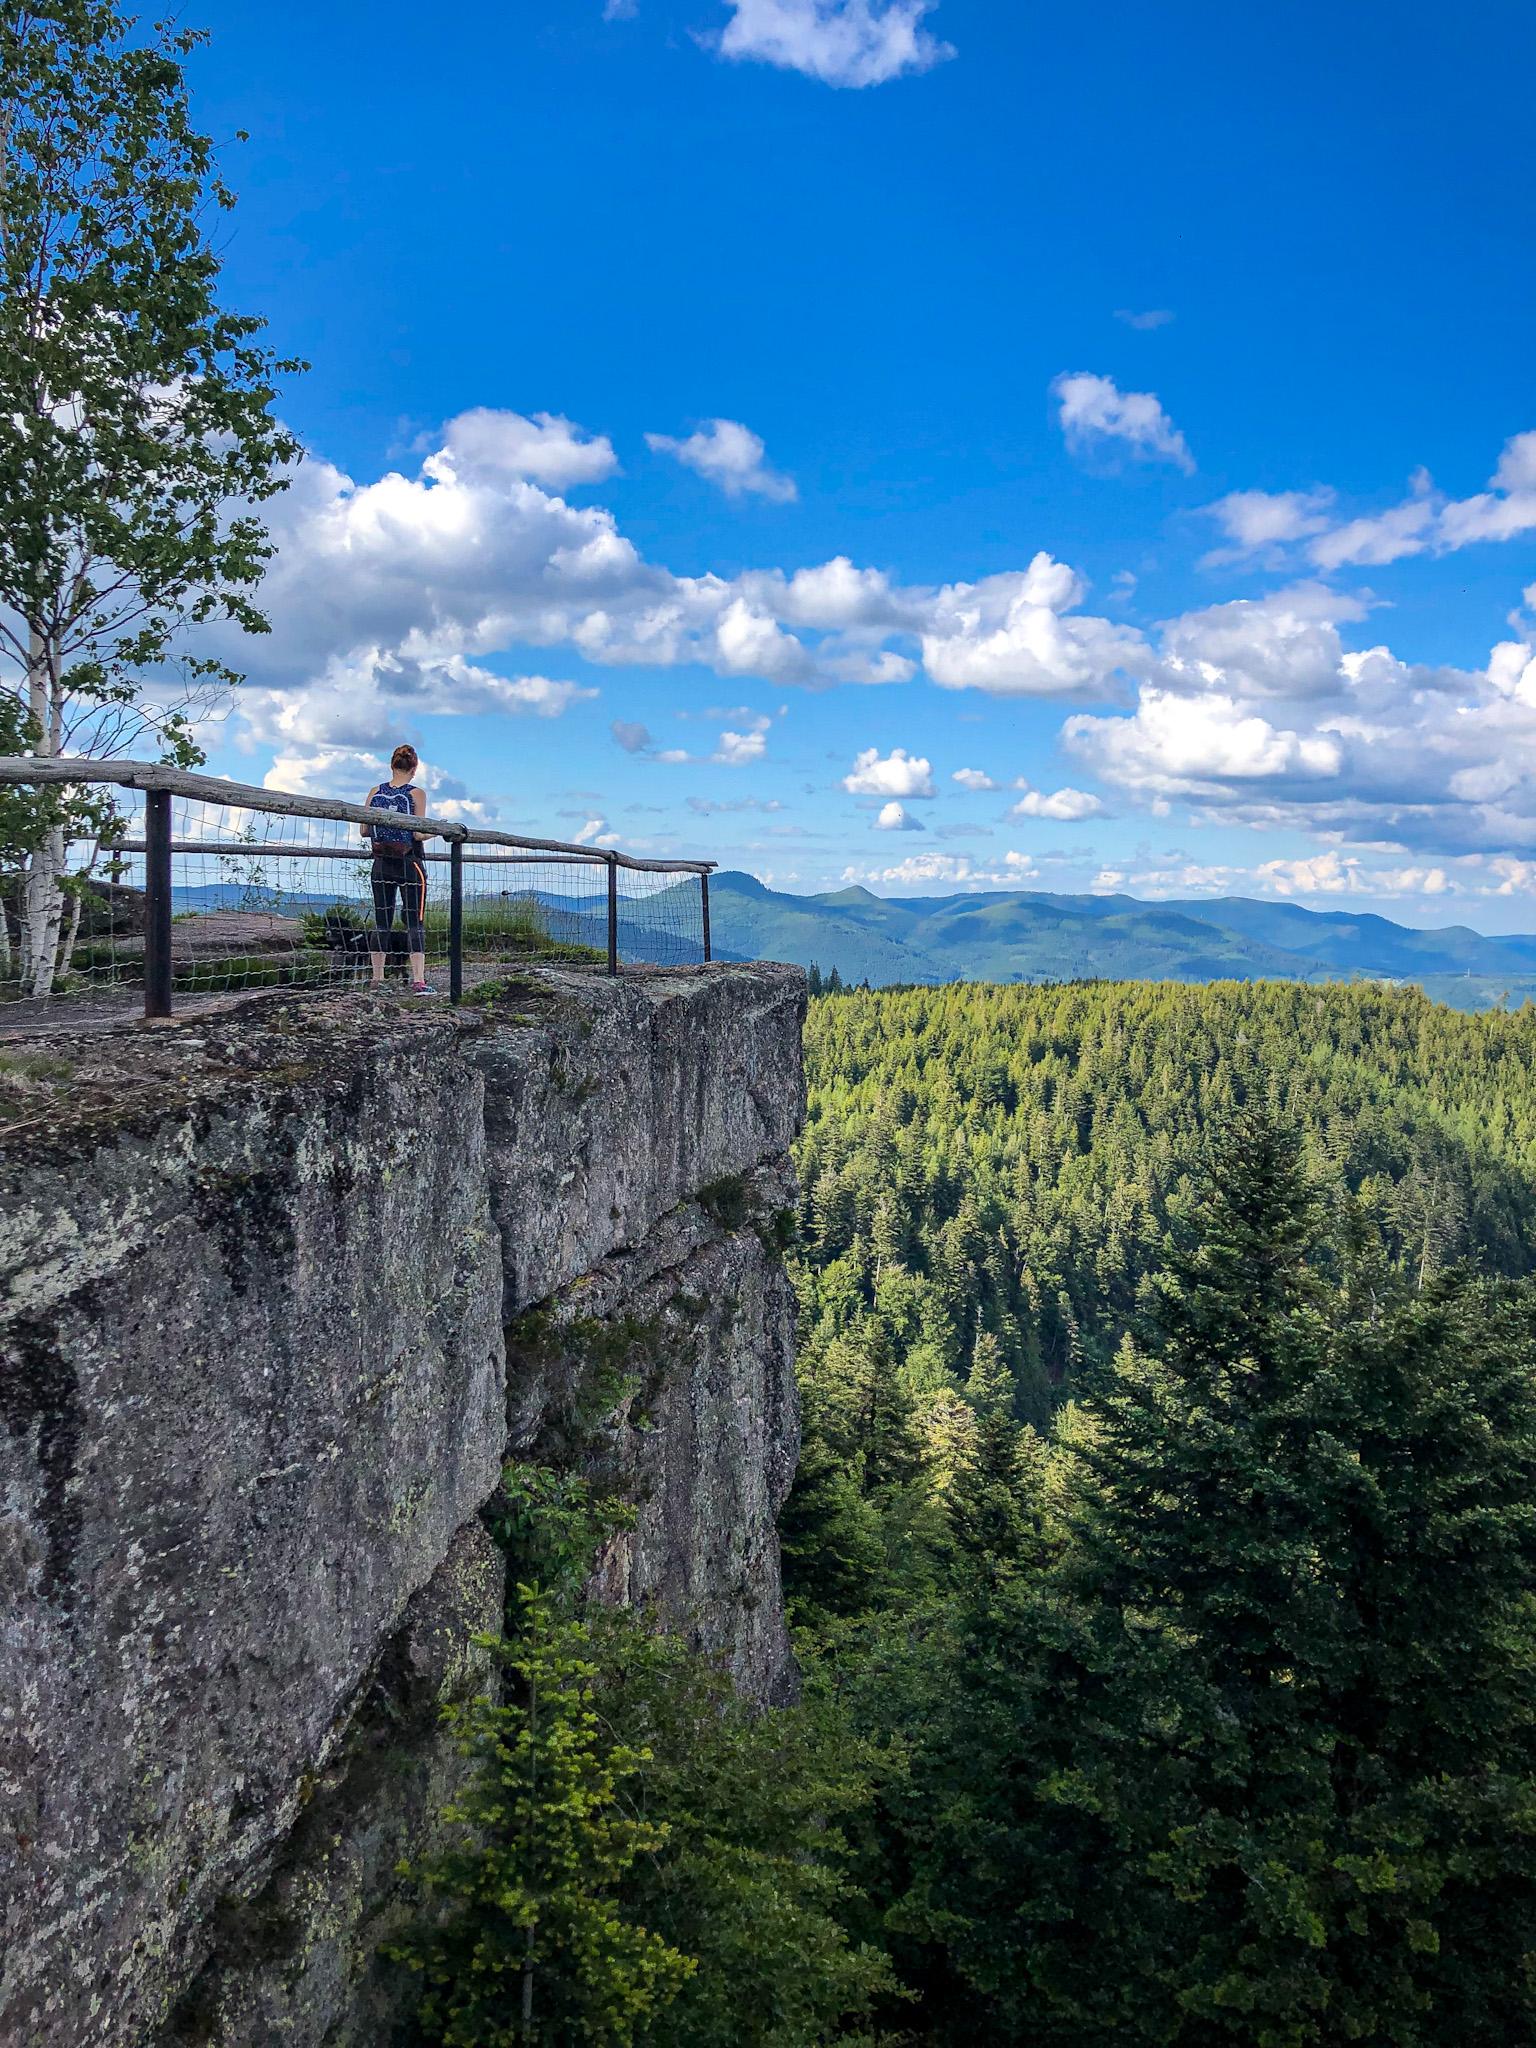 Une randonneuse admire le paysage depuis la Chatte Pendue dans la Vallée de la Bruche